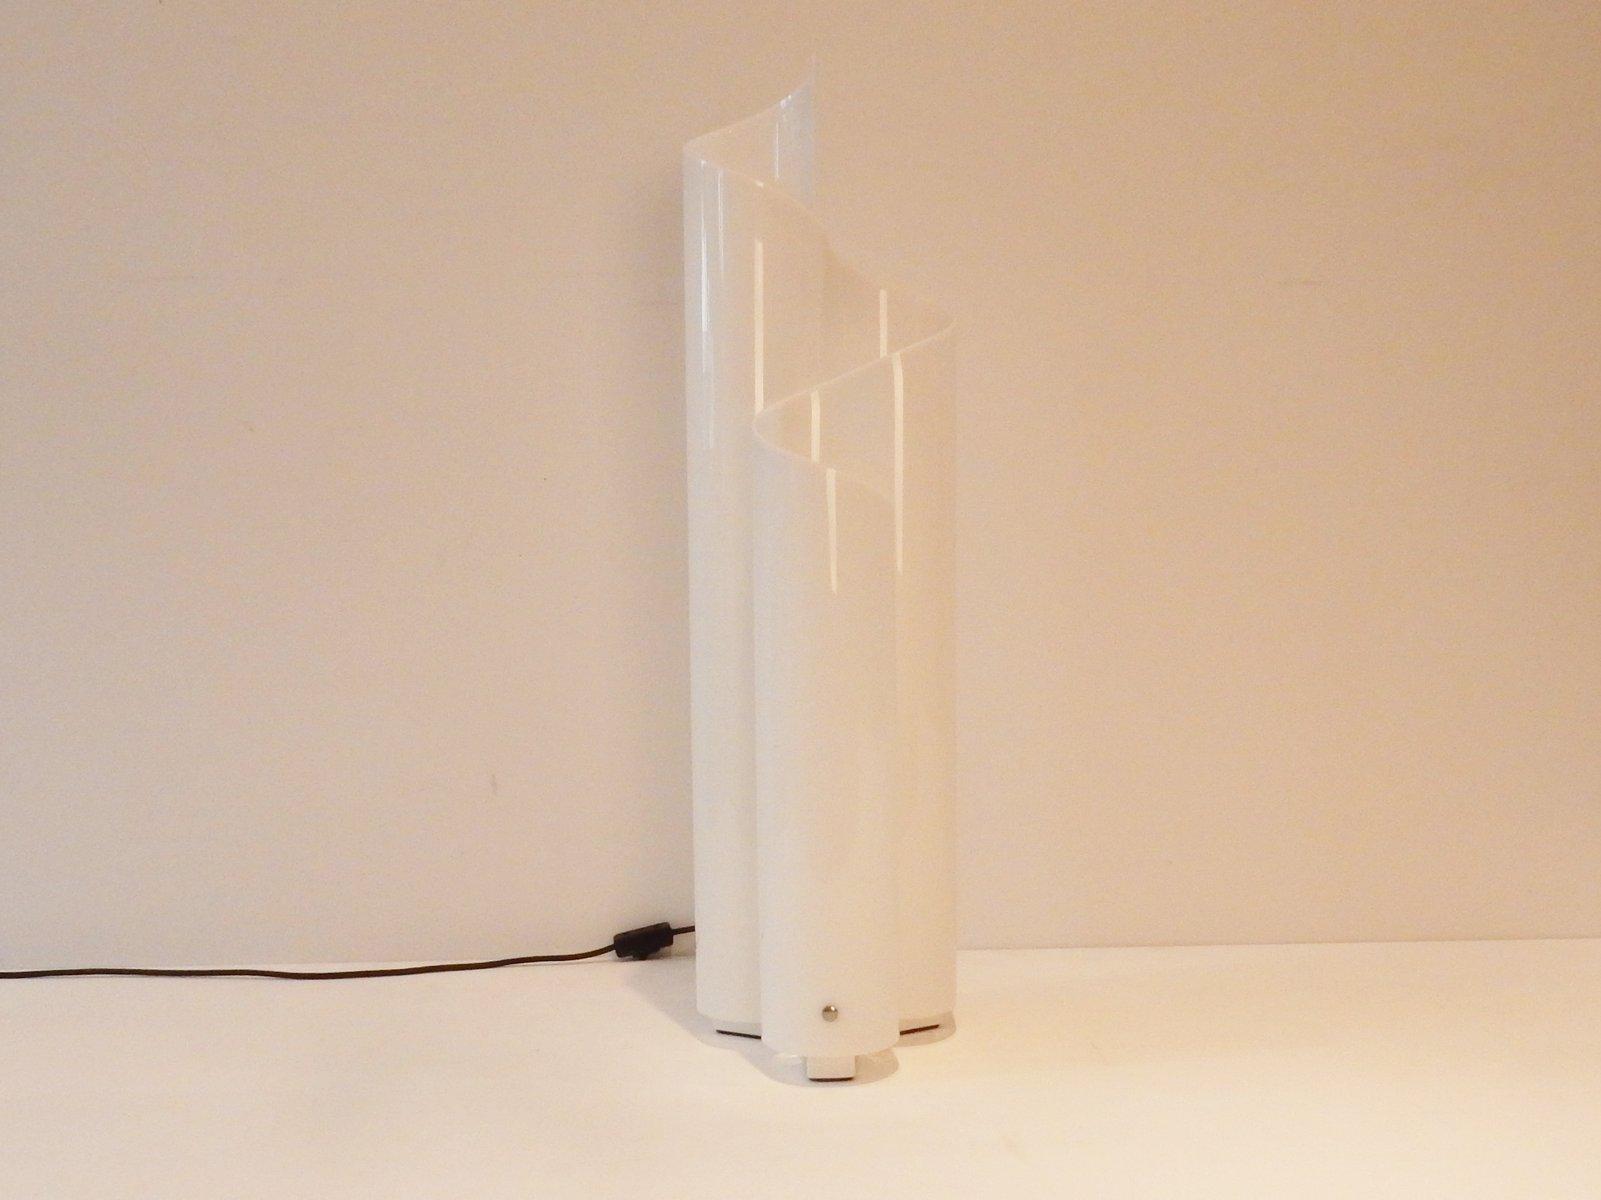 Mezzachimera Tischlampe von Vico Magistretti für Artemide